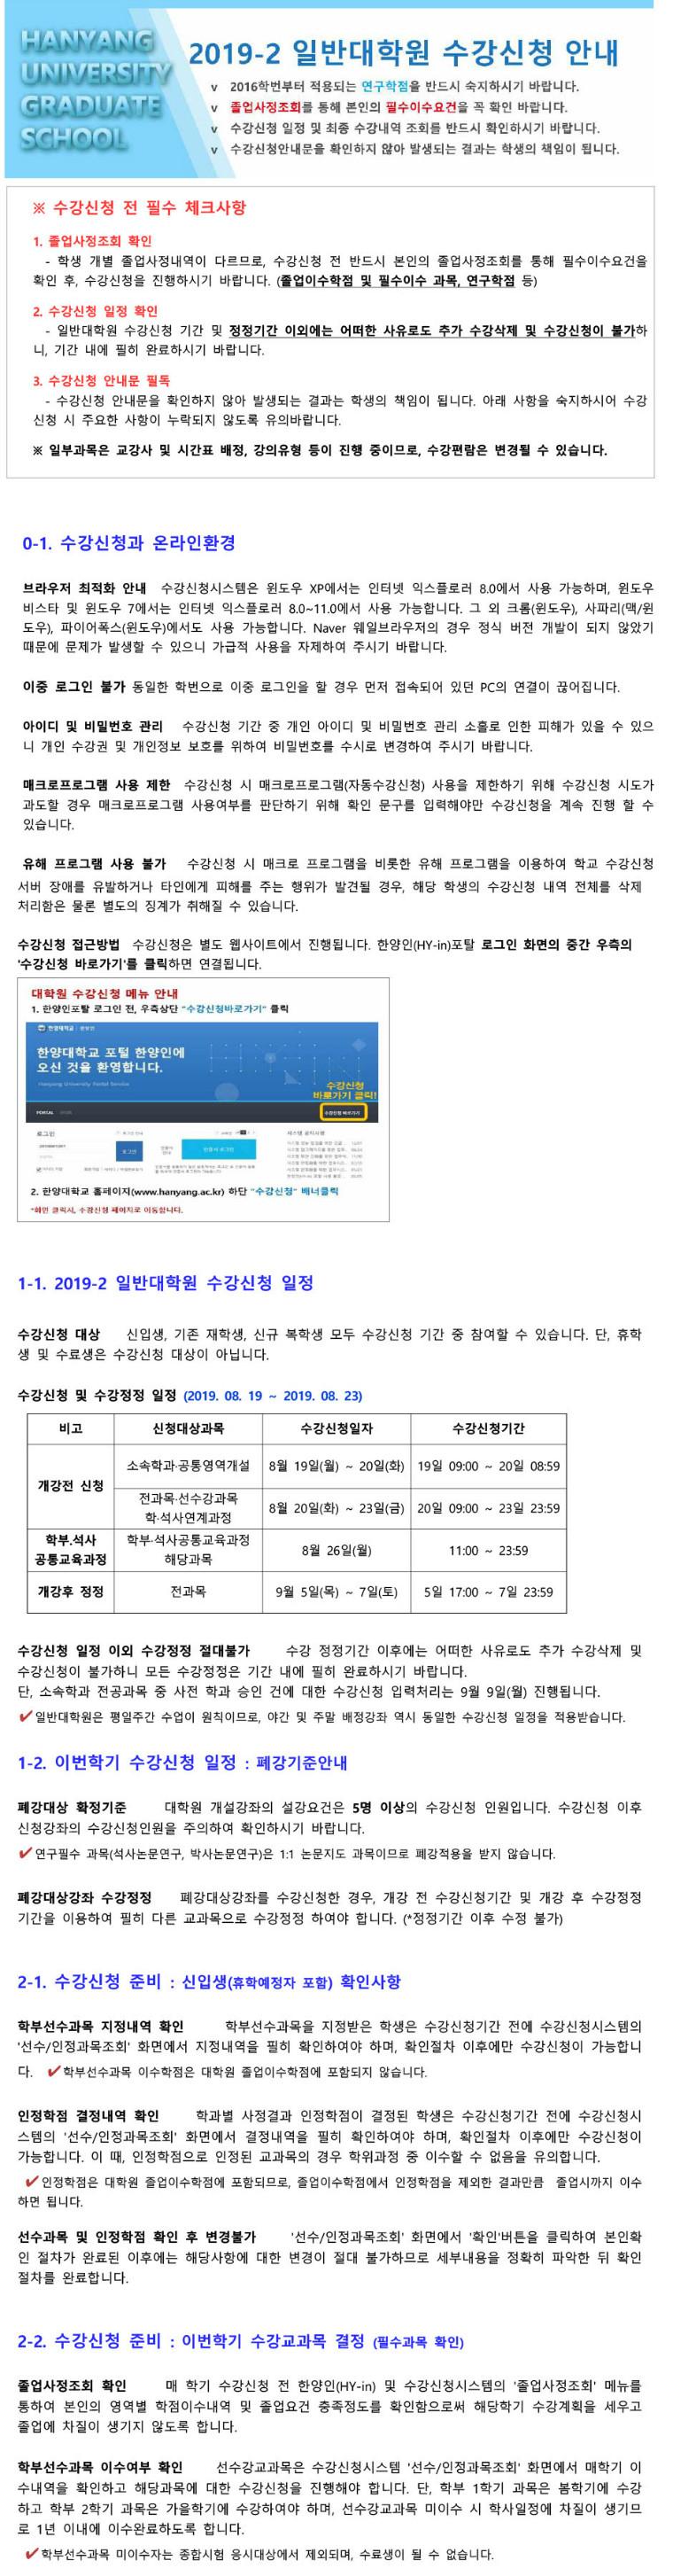 2019-2 수강신청안내문-1.jpg